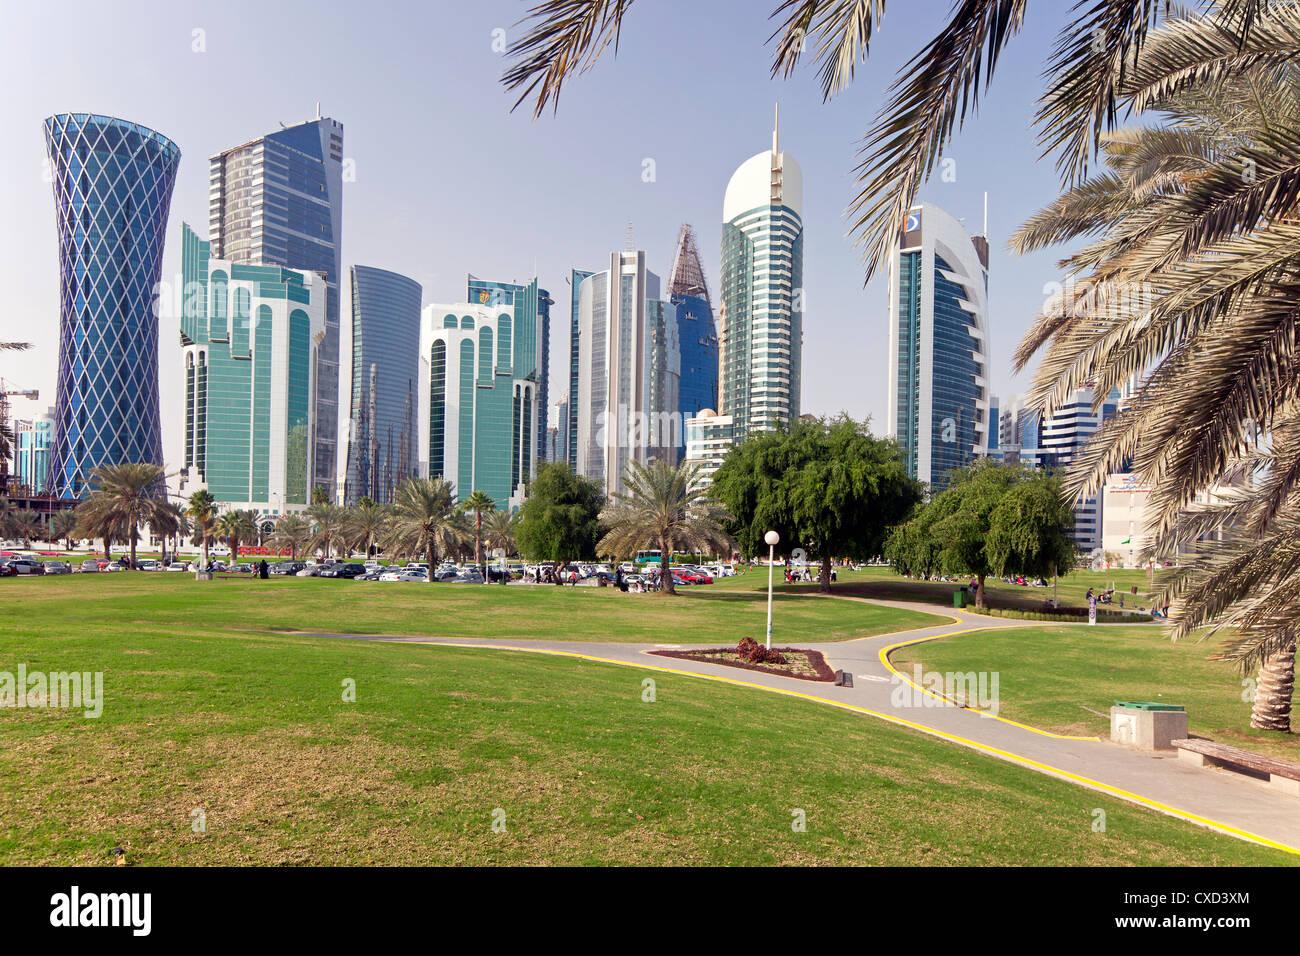 Horizonte moderno del distrito financiero central de West Bay, Doha, Qatar, Oriente Medio Imagen De Stock